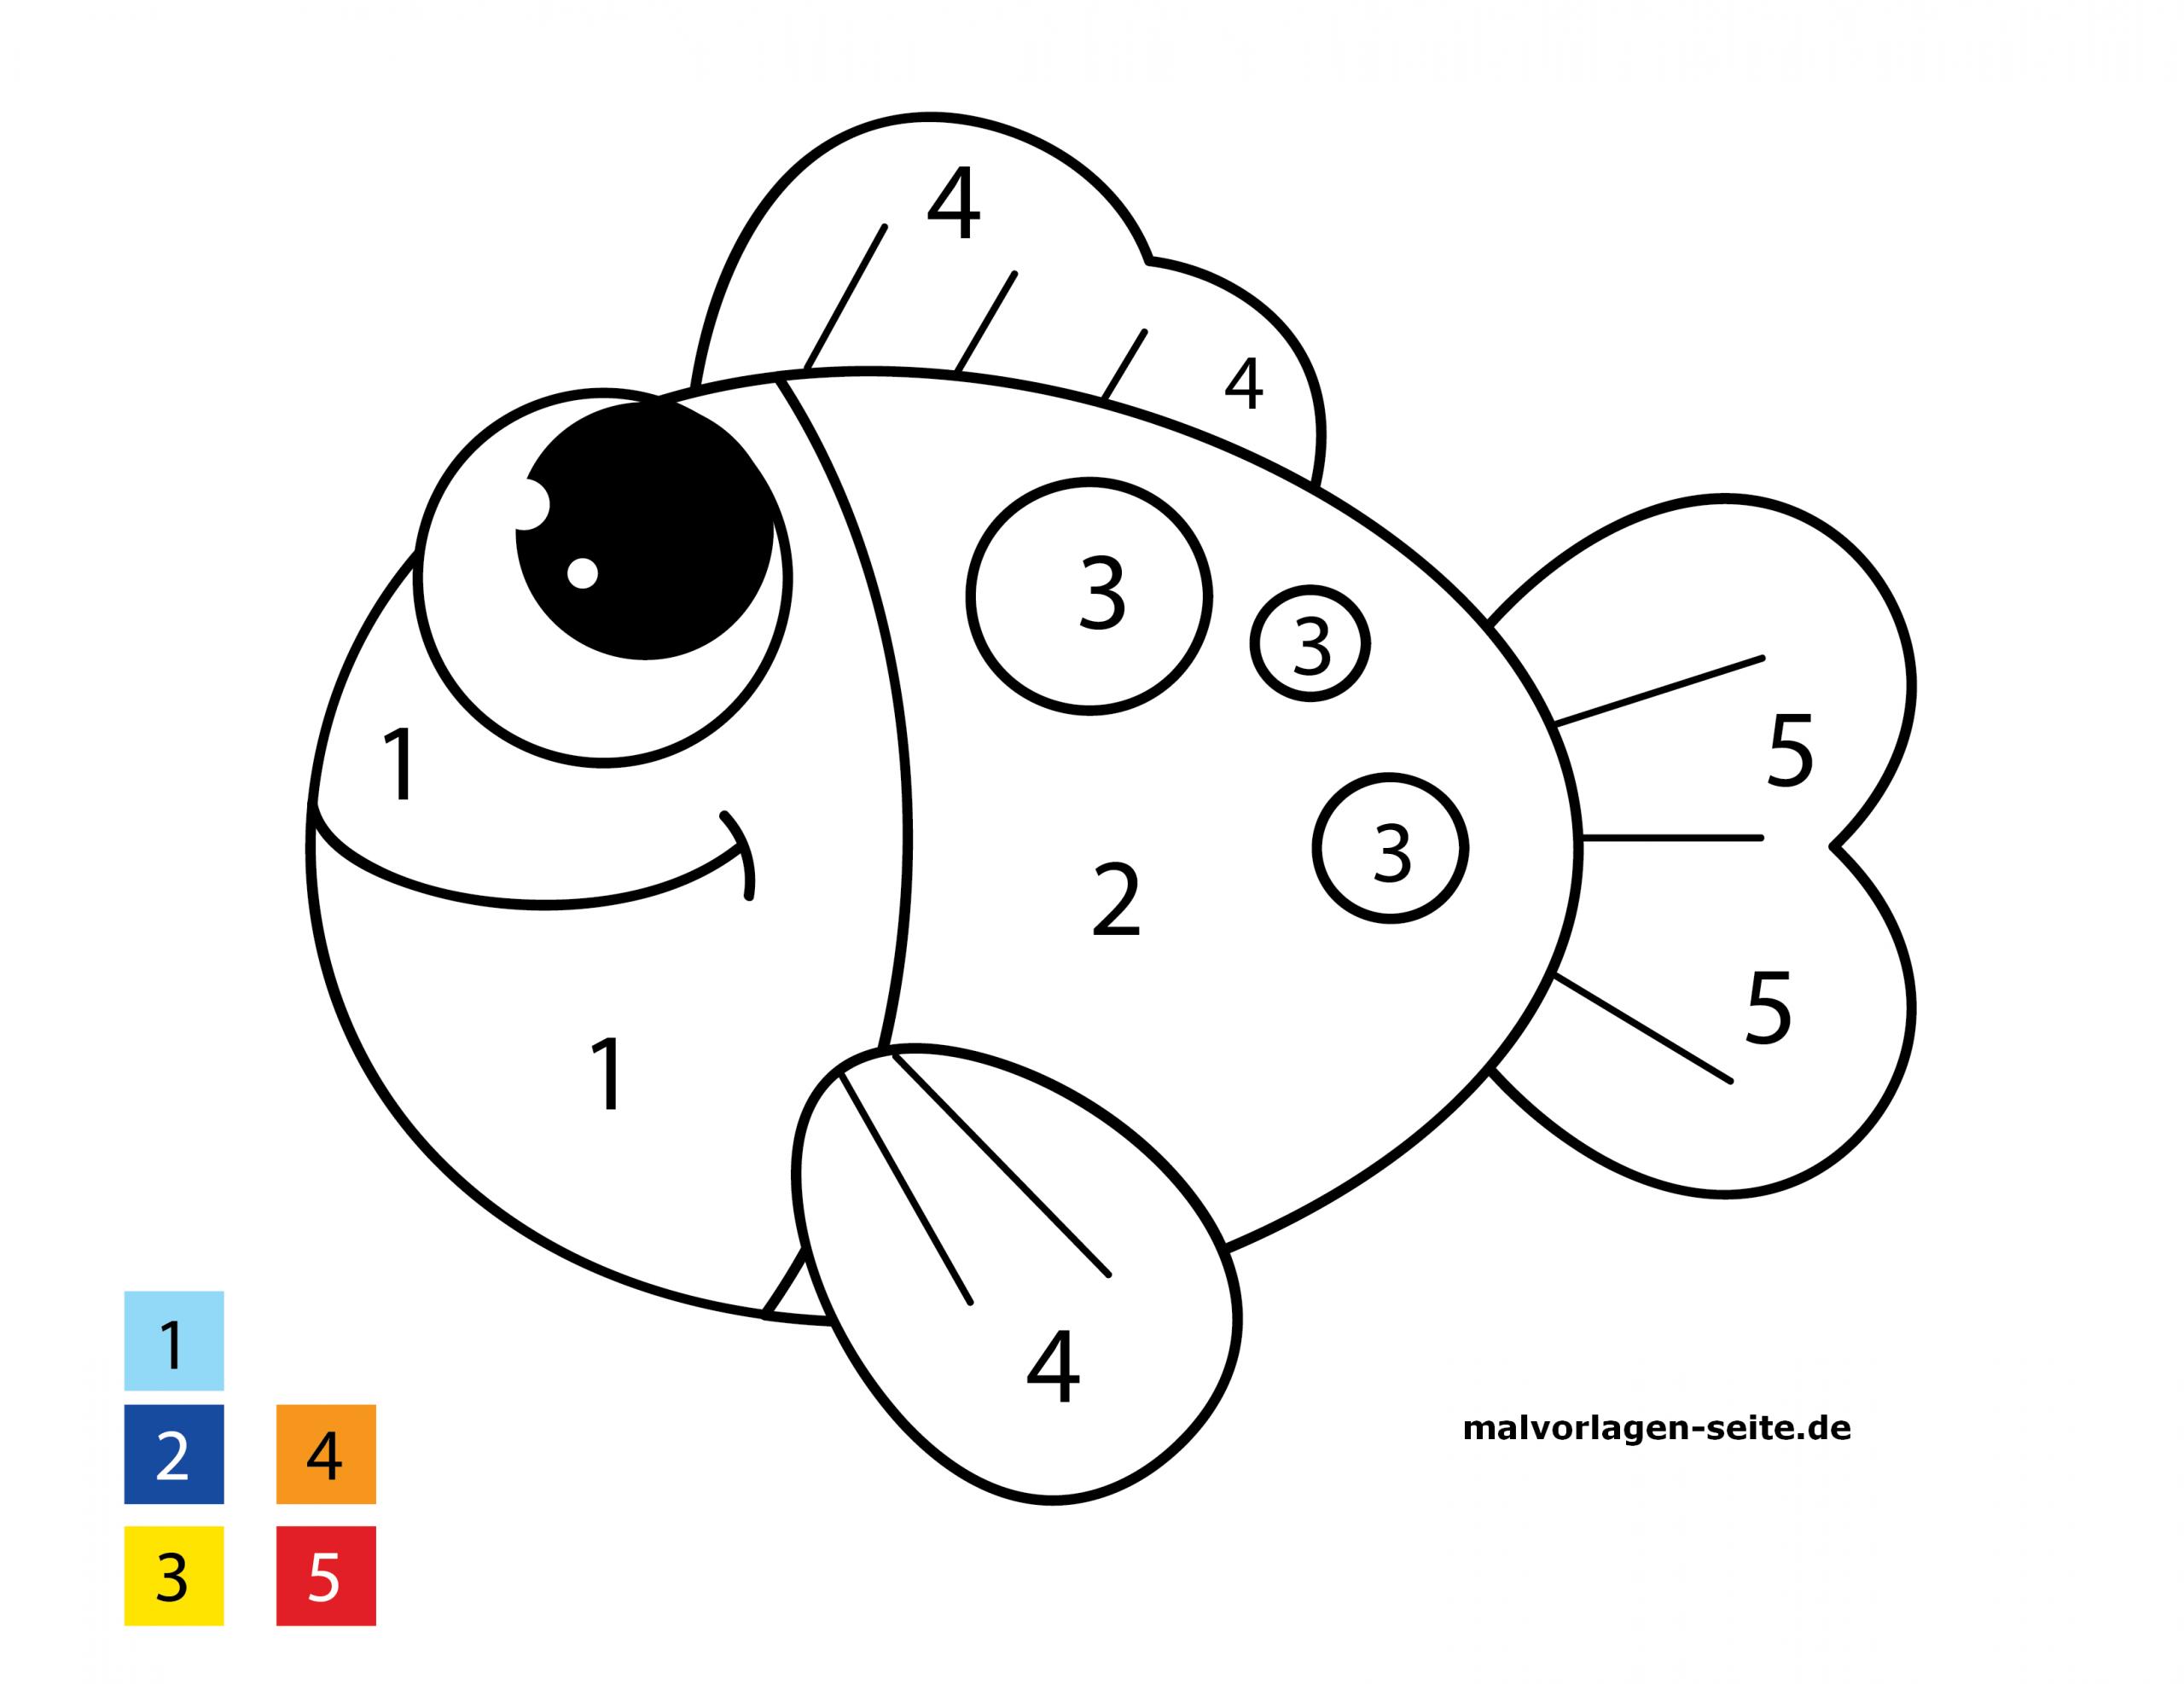 Malen Nach Zahlen Fisch - Ausmalbilder Kostenlos Herunterladen ganzes Fisch Ausmalen